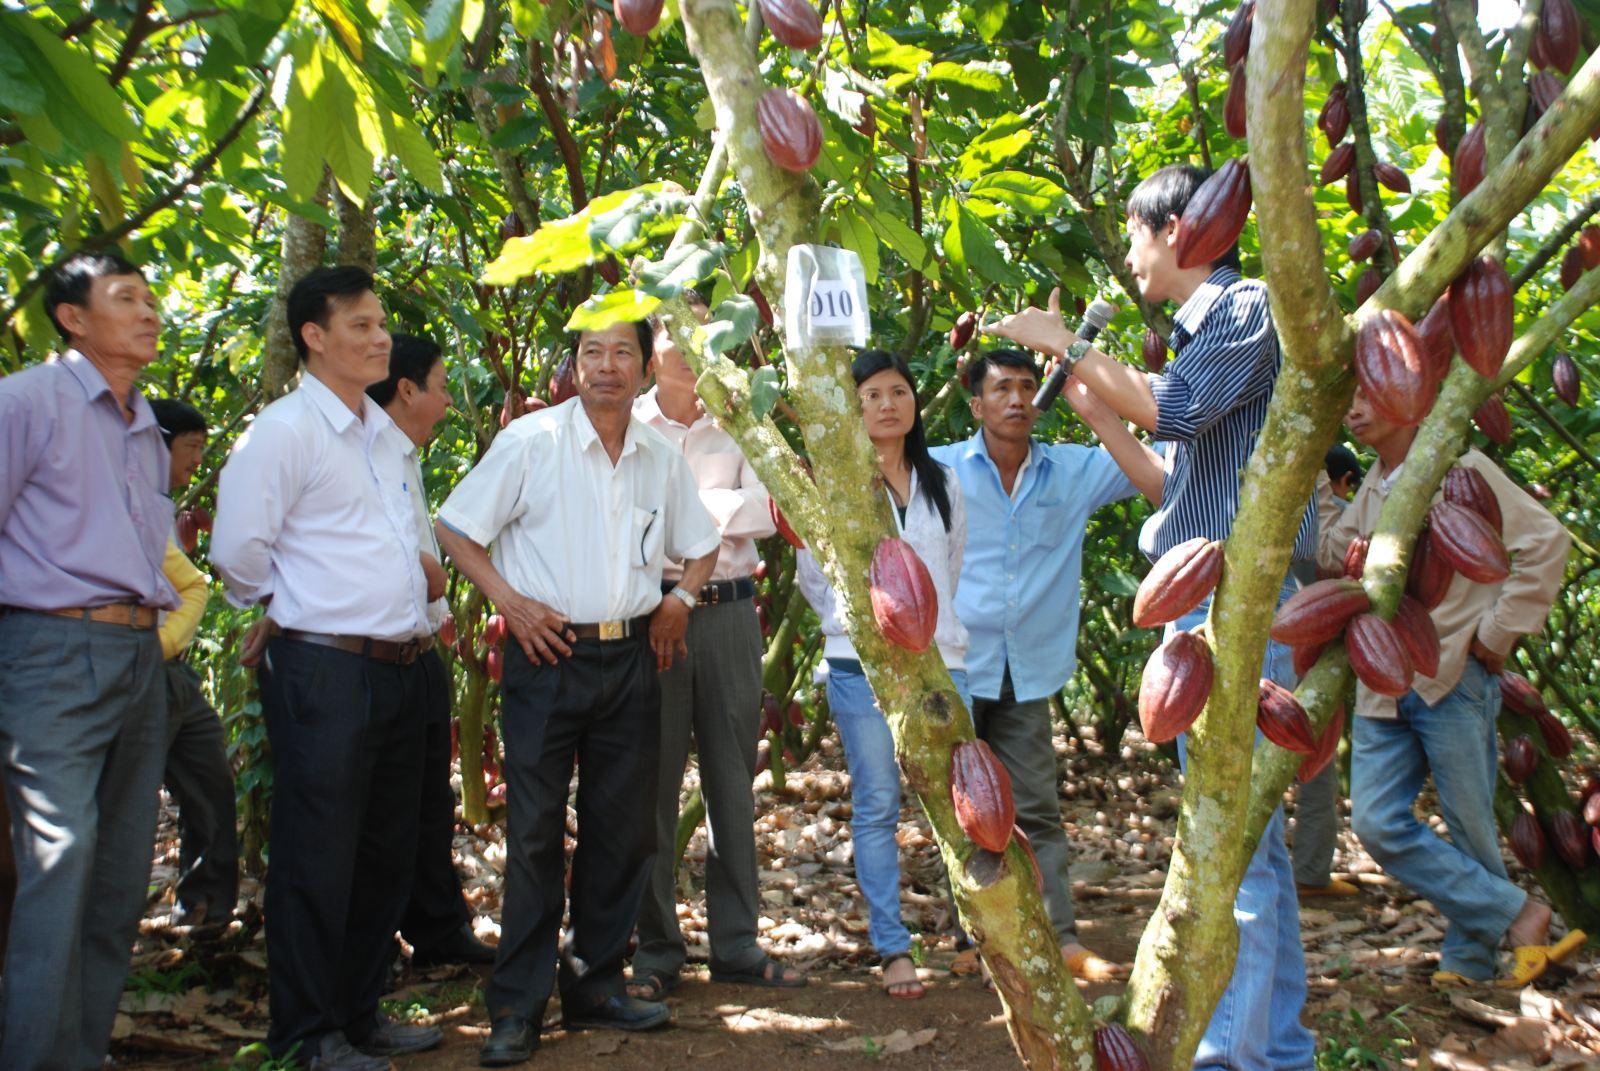 Phổ biến Quy trình Kỹ thuật Sản xuất Ca cao cho các tỉnh phía Nam